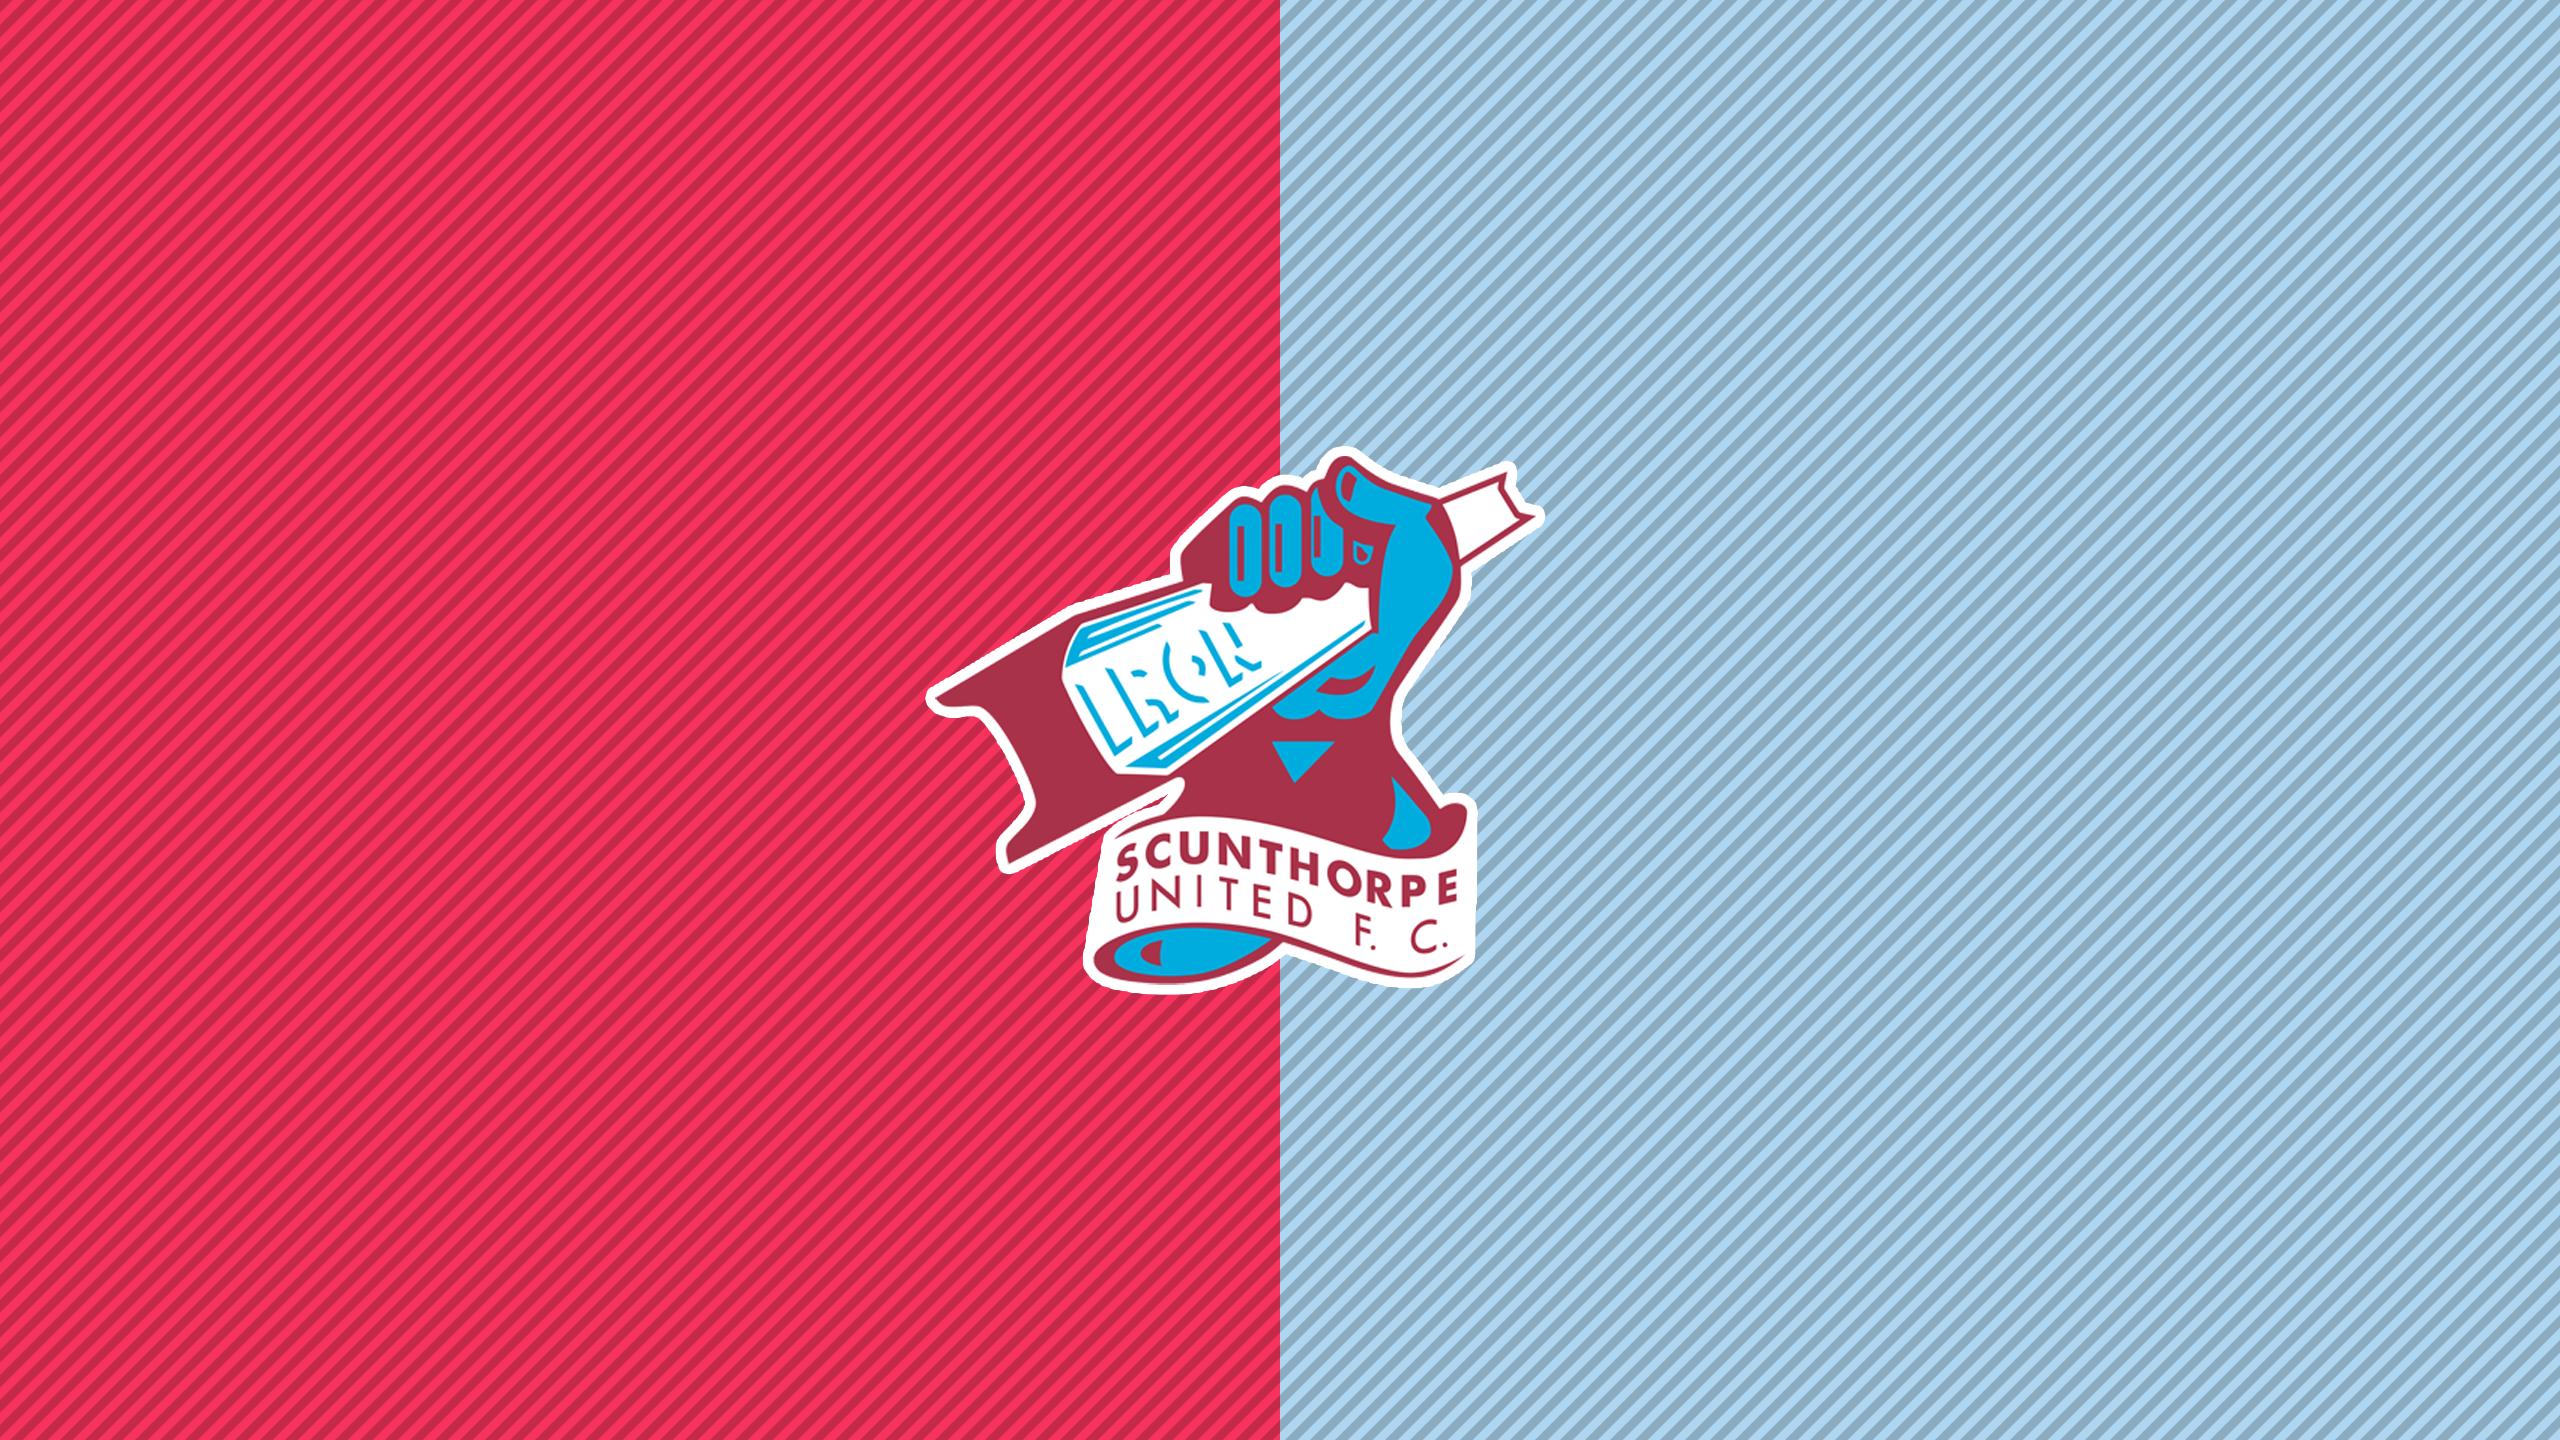 Scunthorpe FC